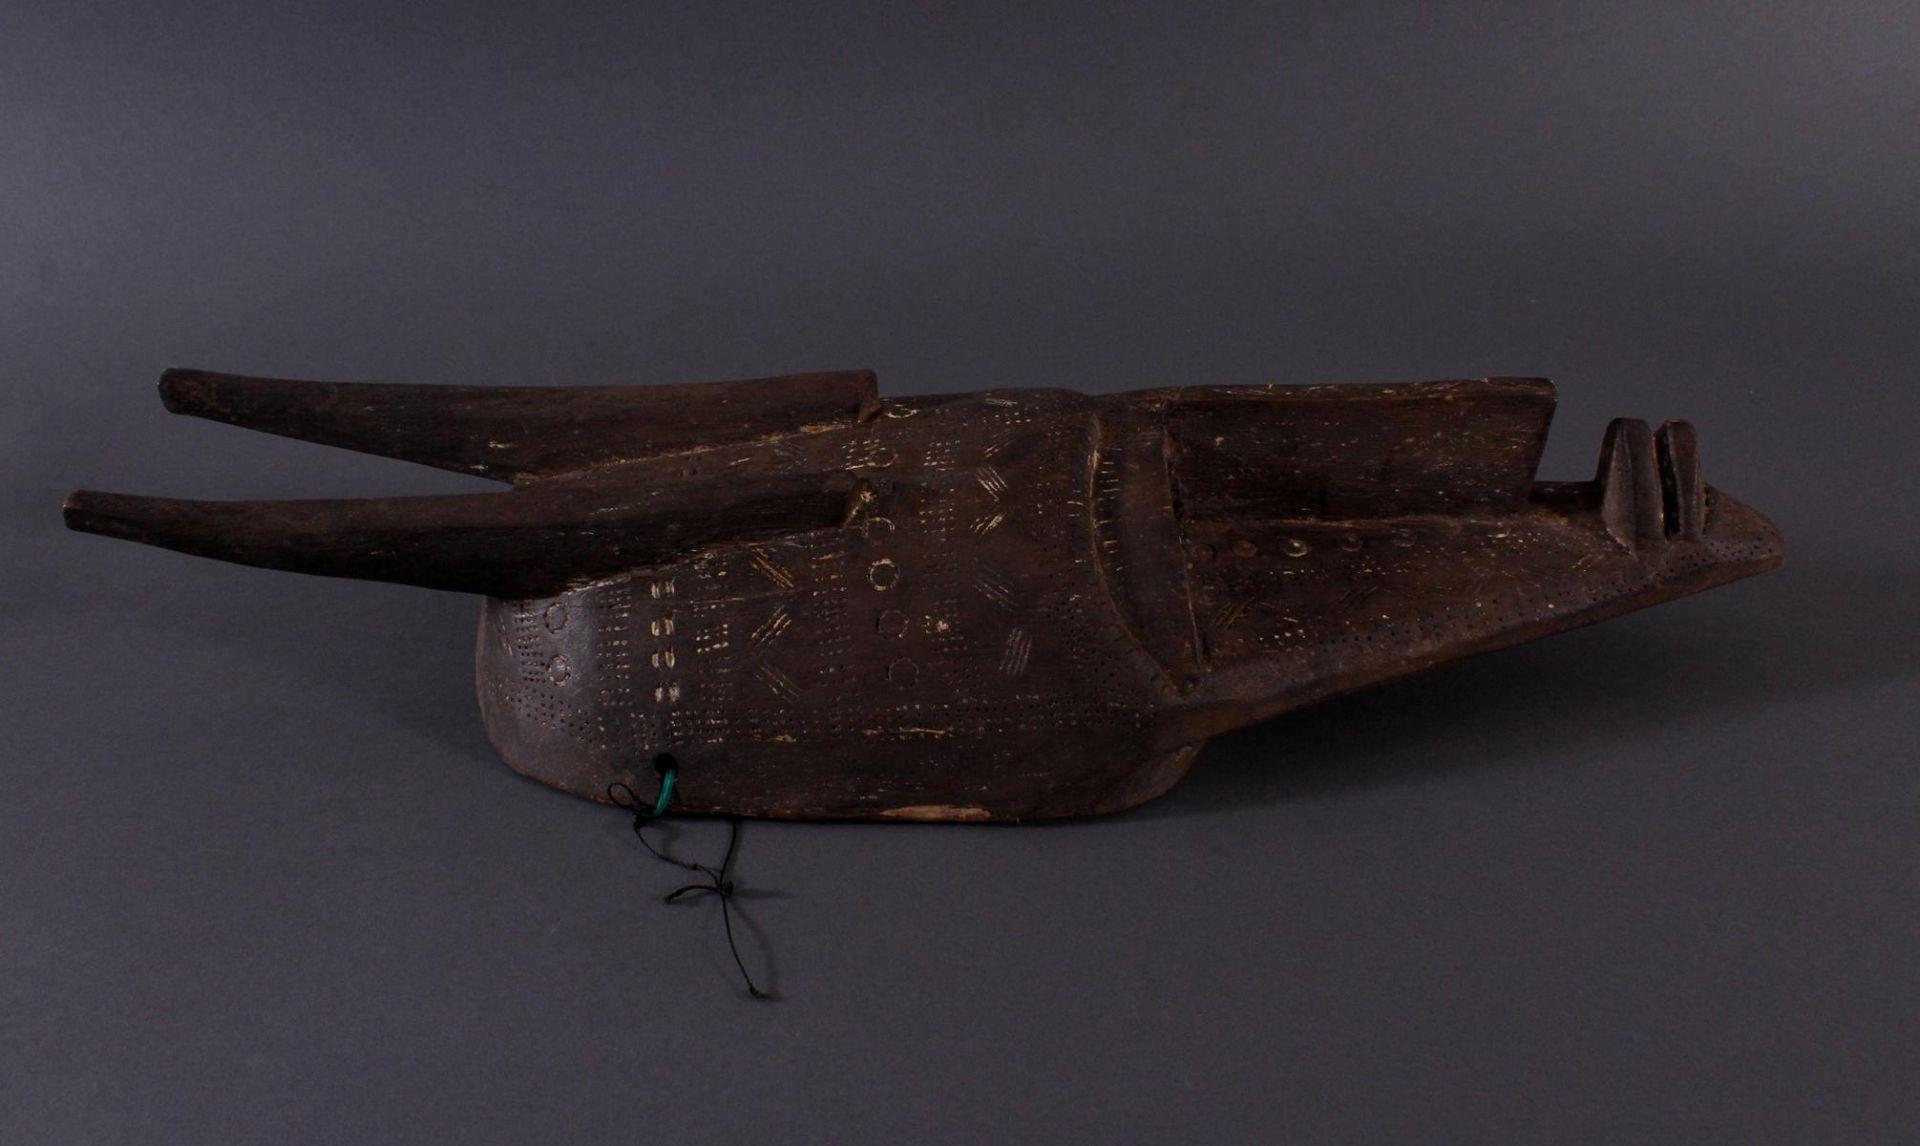 Antike Maske, Bambara, Mali 1. Hälfte 20. Jh.Holz geschnitzt, Musterritzungen, Reste weißer - Bild 2 aus 6